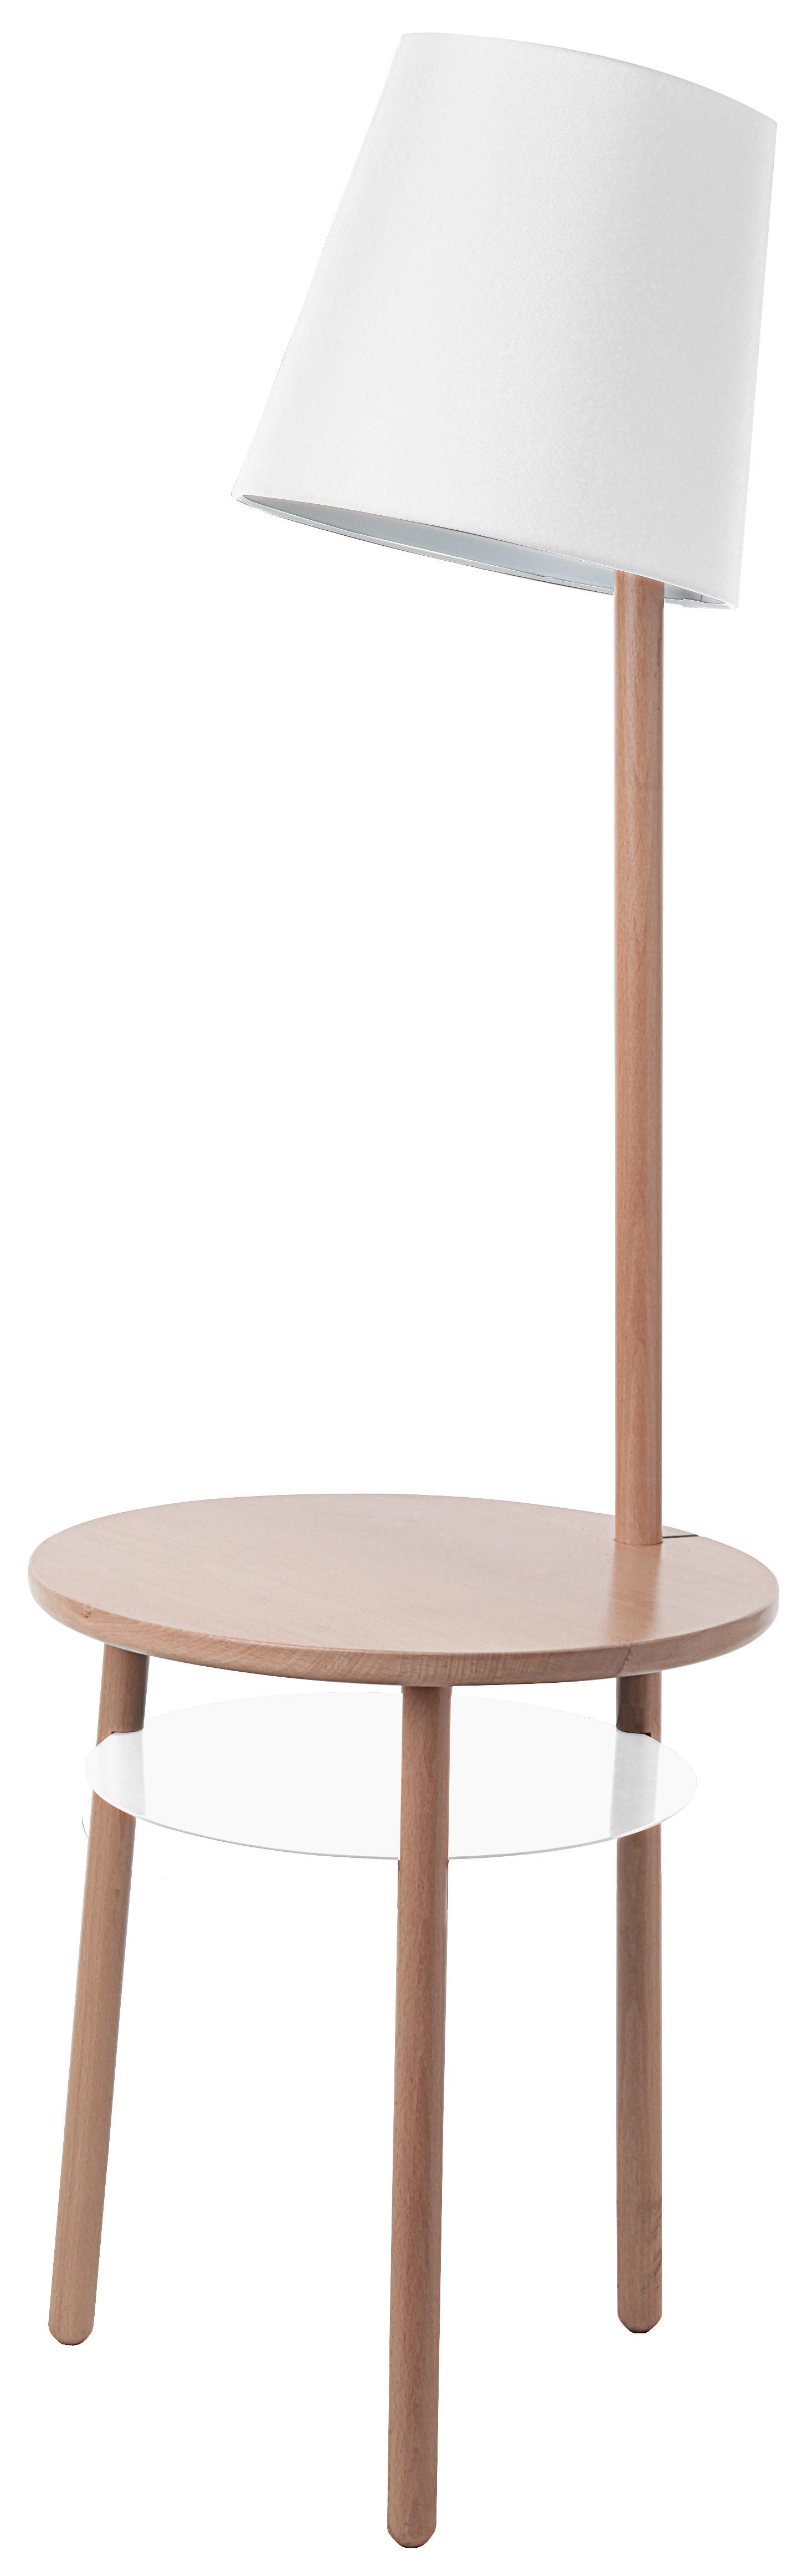 Mobilier - Tables basses - Lampadaire Josette / Table d'appoint - Ø 45 x H 52 cm - Hartô - Blanc - Coton, Hêtre massif, Métal laqué